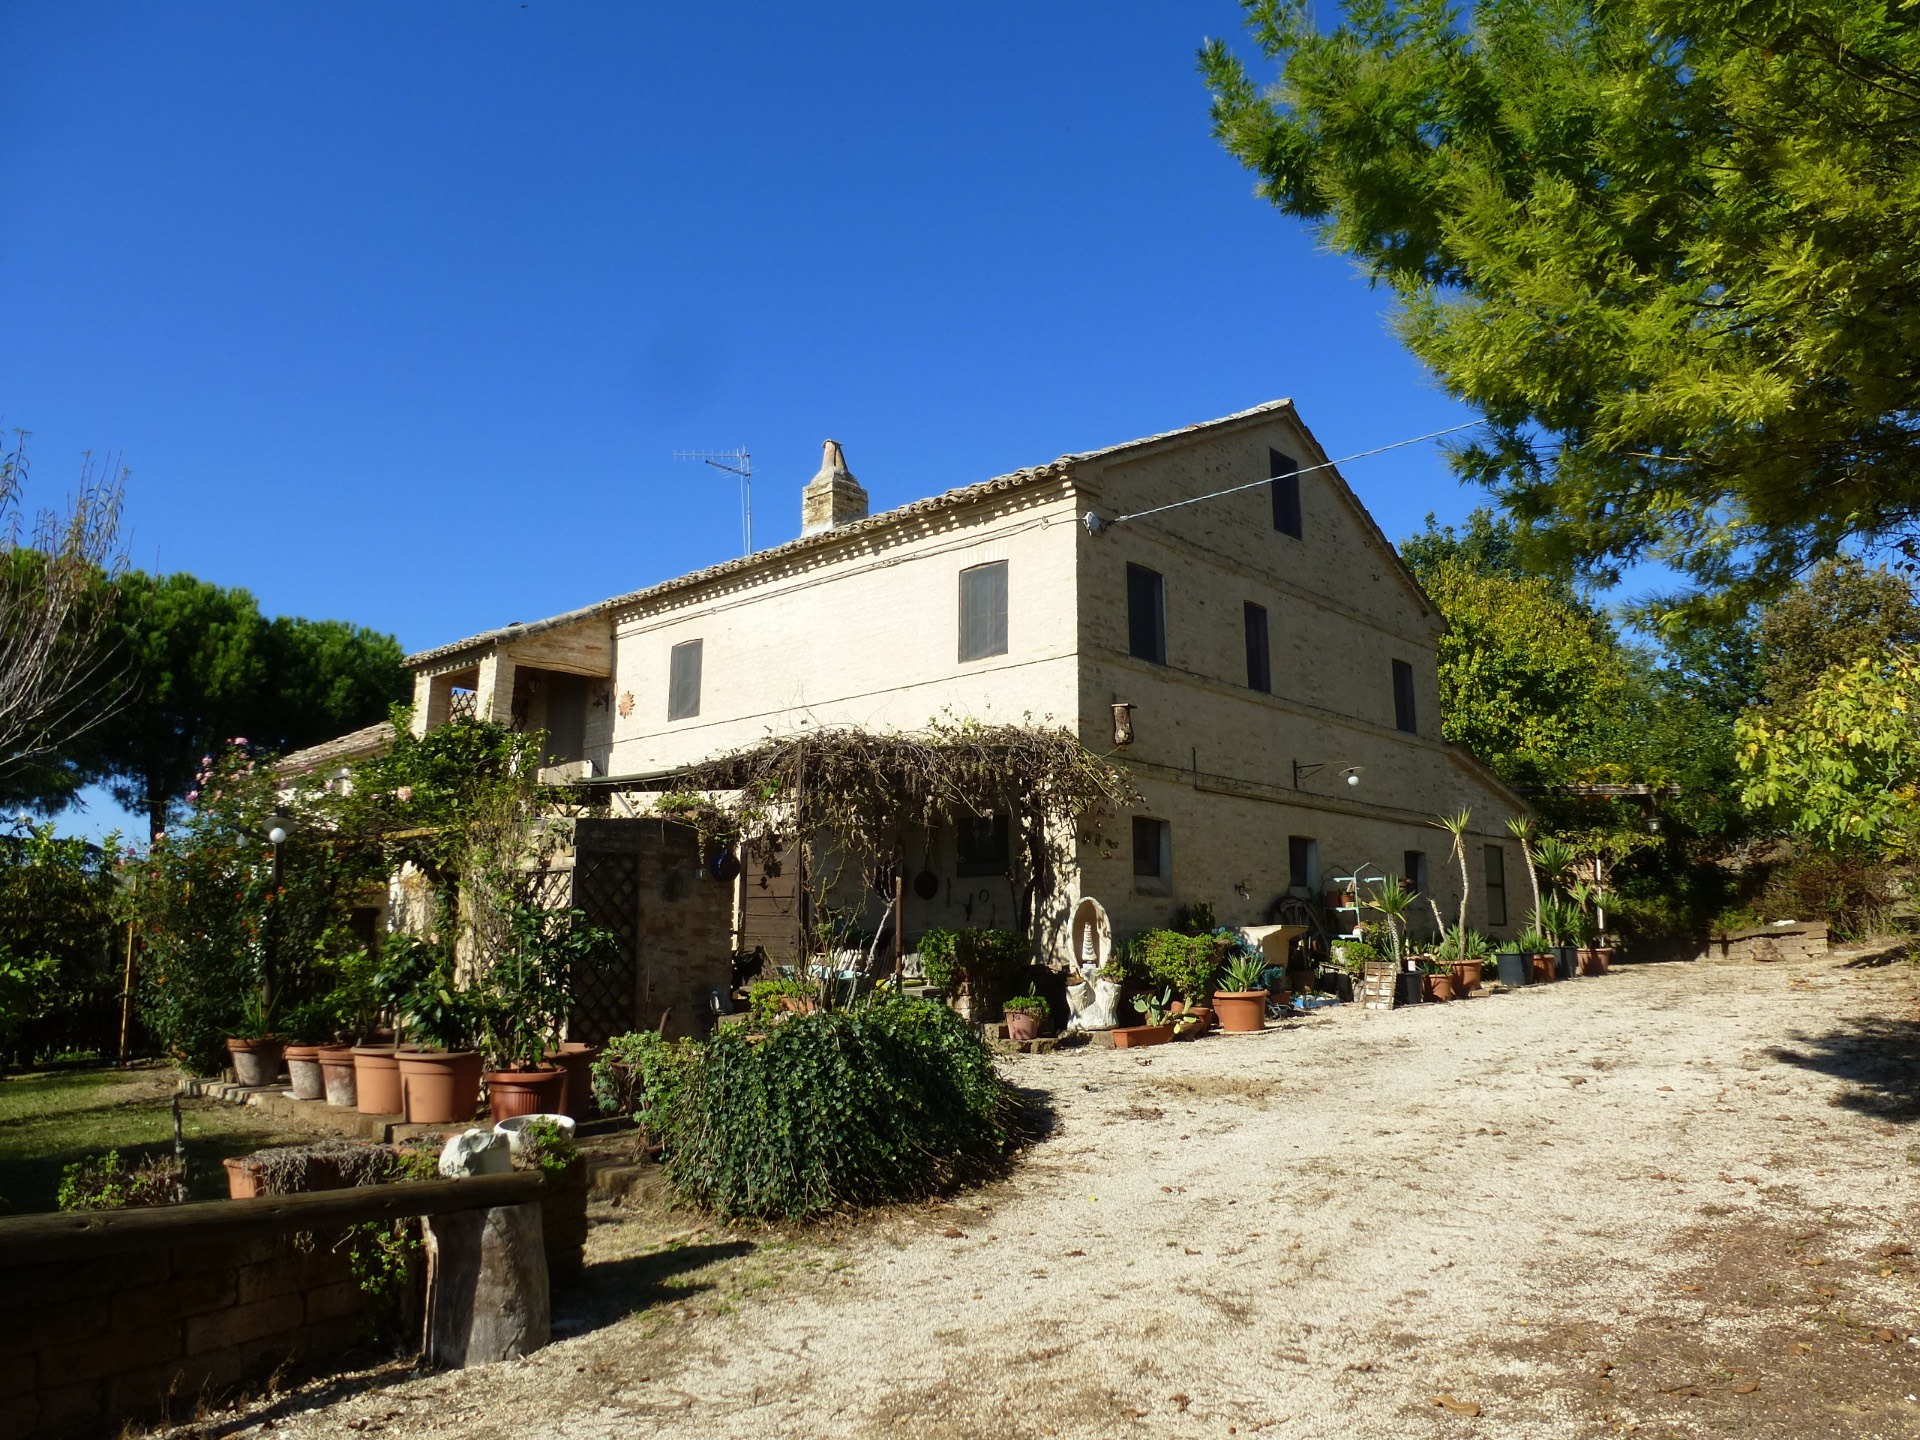 Casa Semindipendente a Montecosaro (Macerata)